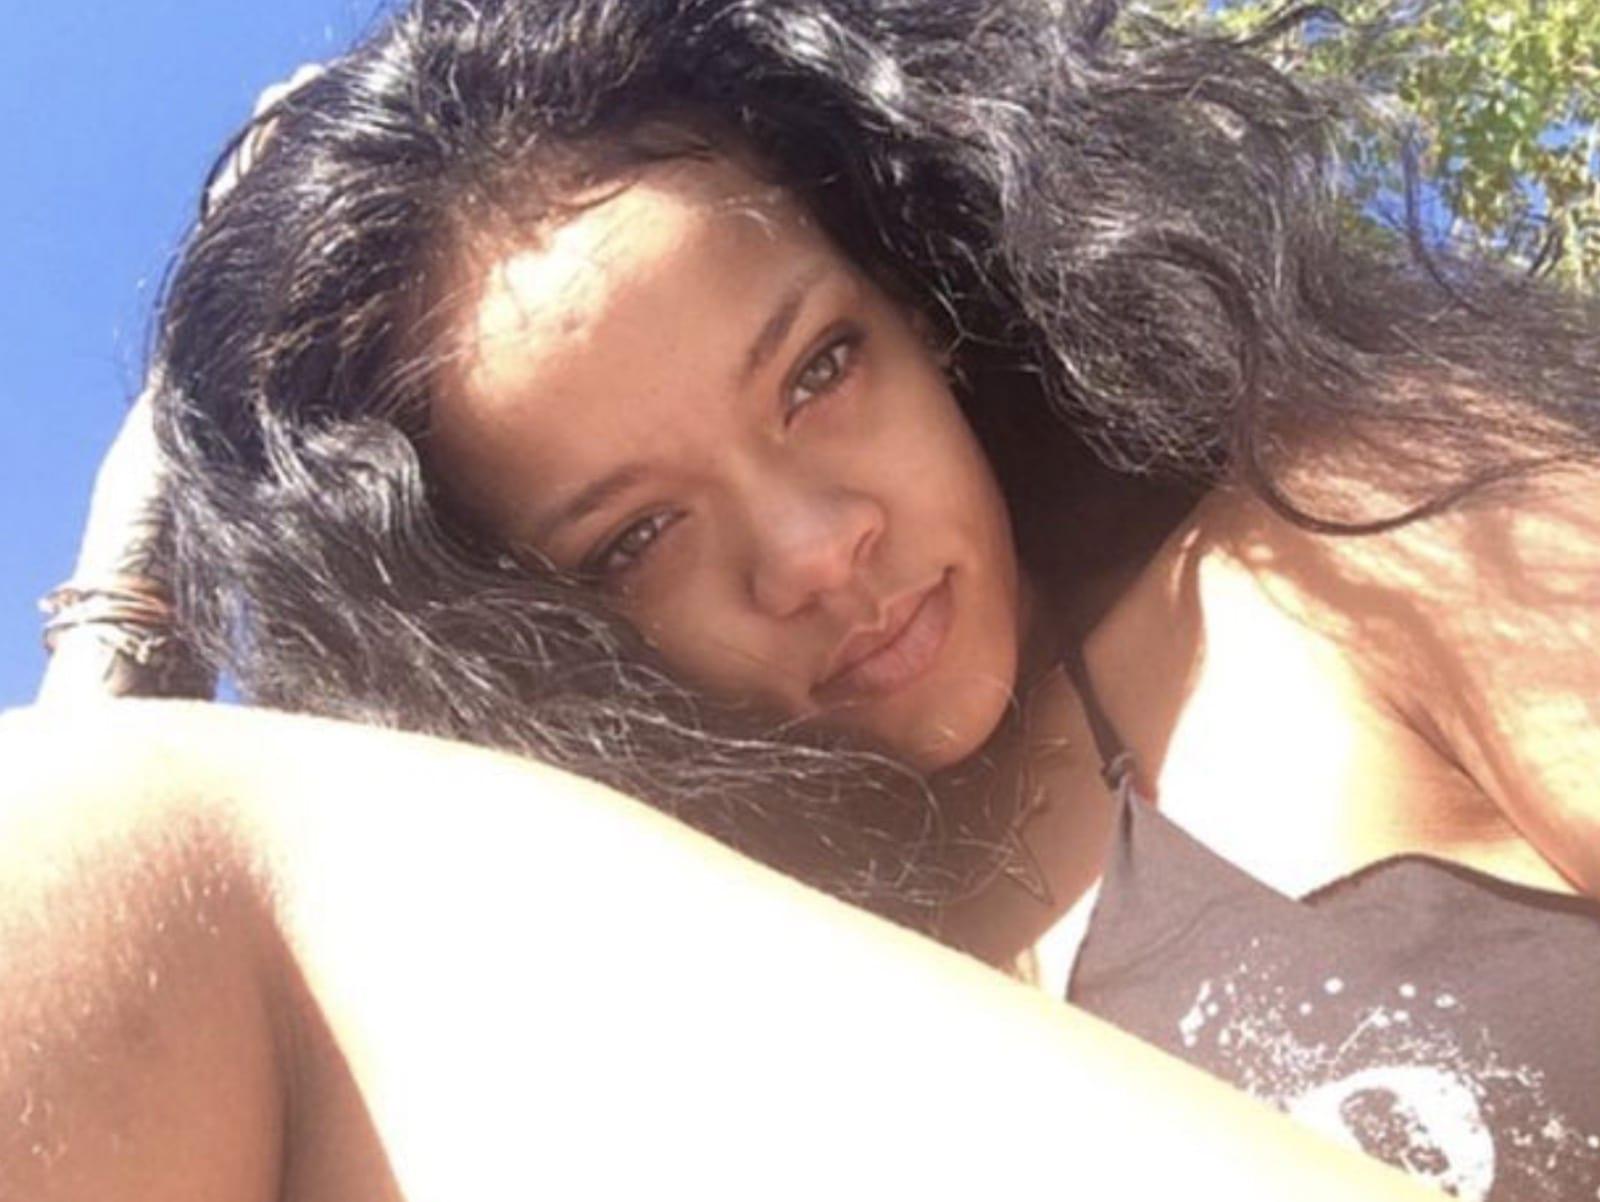 Rihanna Selfie Outside Pic